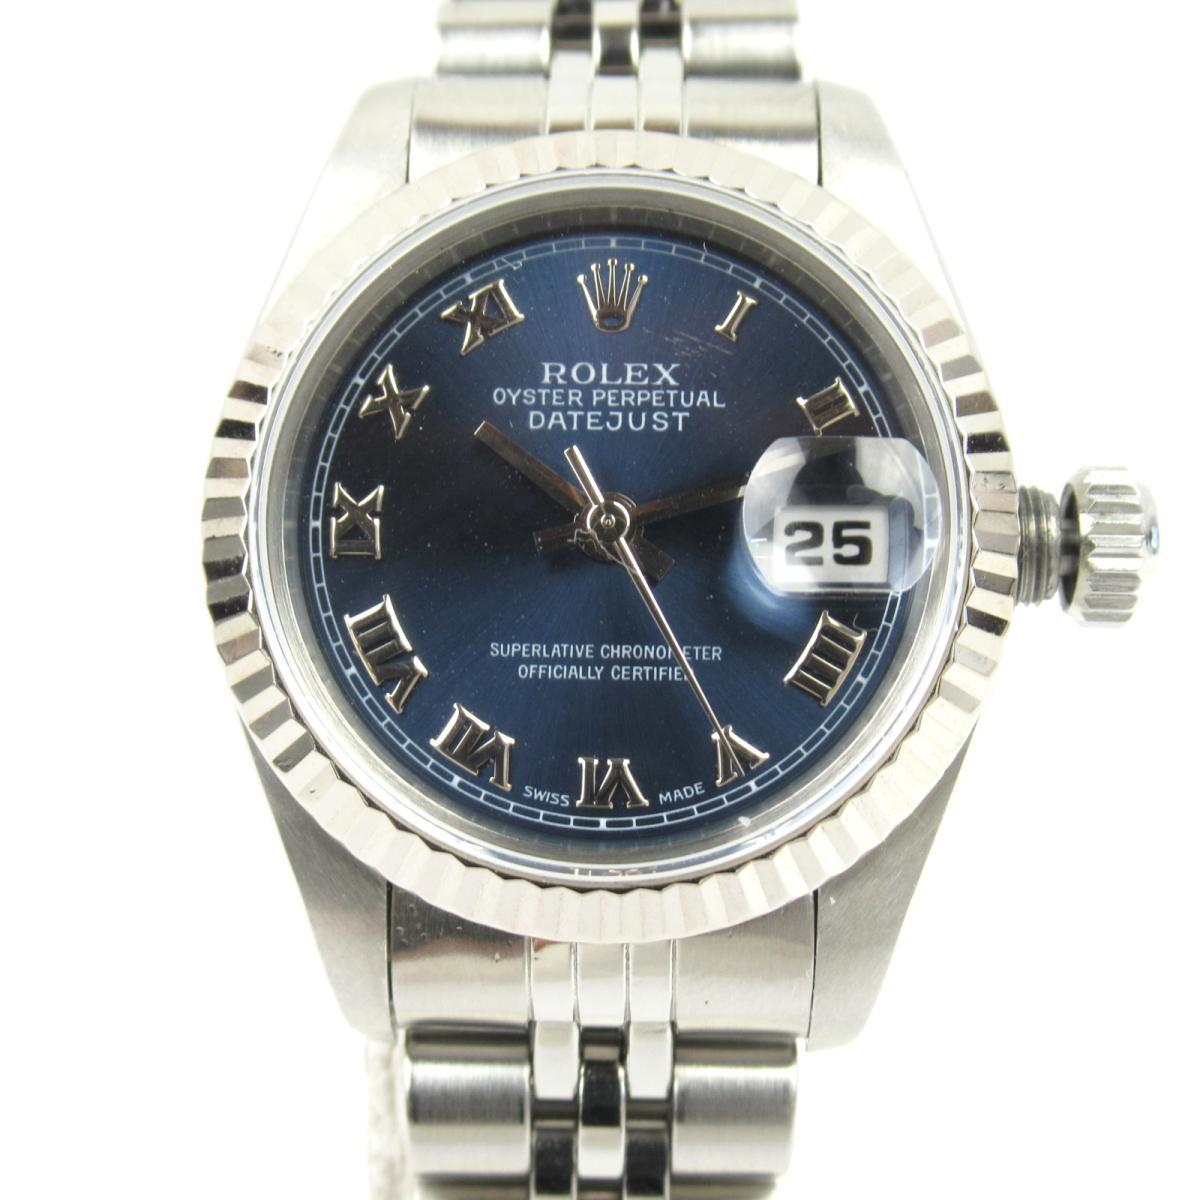 ≪期間限定≫メルマガ登録でクーポンGET! 【中古】 ロレックス デイトジャスト ウォッチ 腕時計 レディース K18WG (750)ホワイトゴールド ステンレススチール (SS) (69174 U番) | ROLEX BRANDOFF ブランドオフ メンズ ブランド ブランド時計 ブランド腕時計 時計